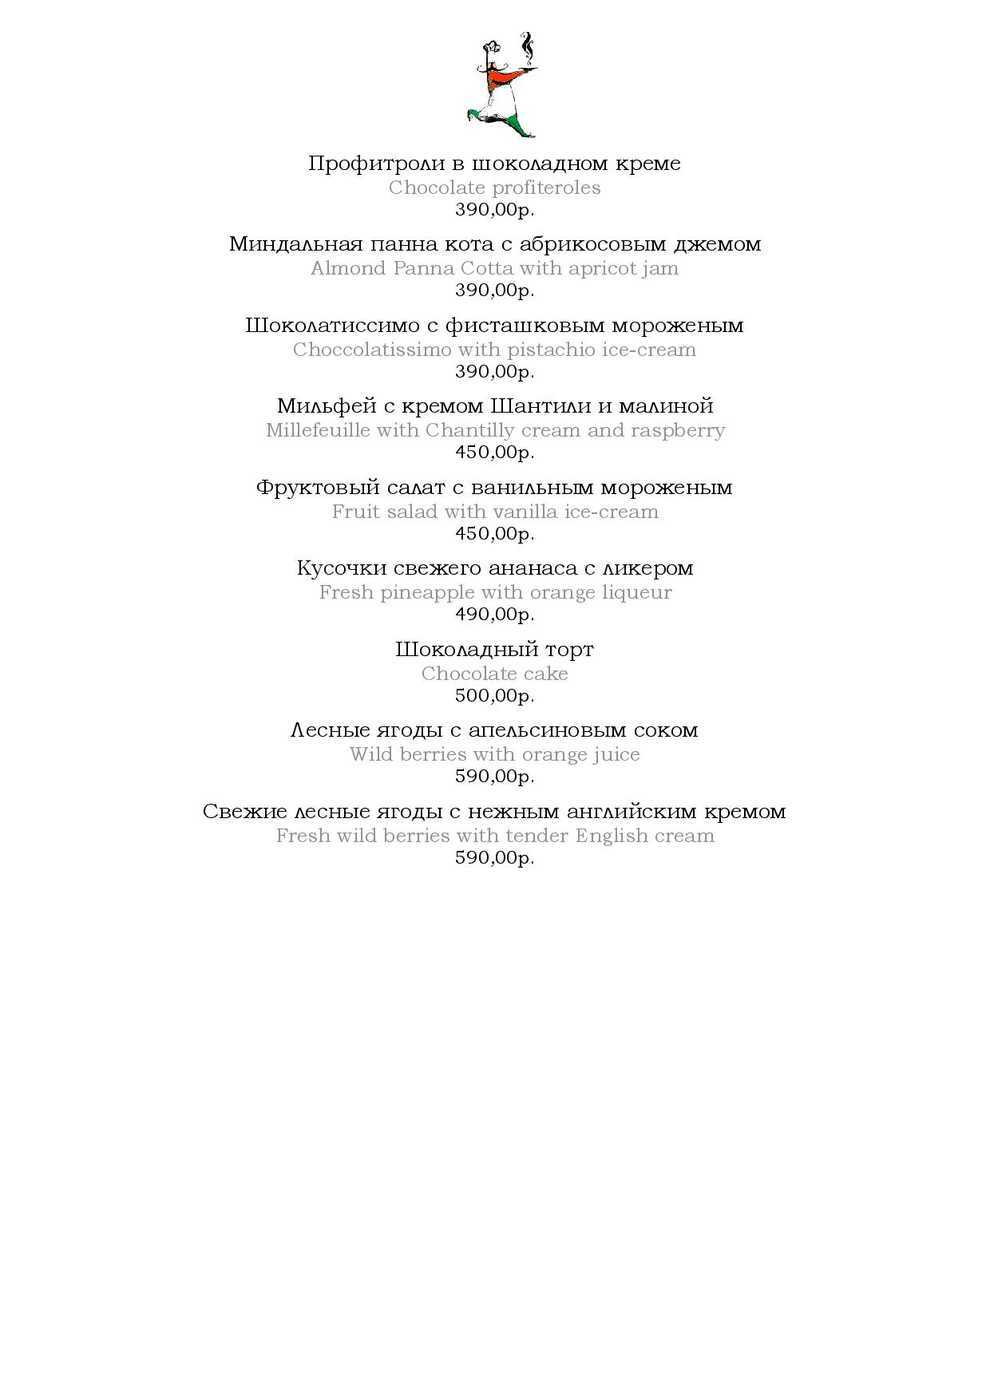 Меню ресторана Франческо (Francesco) на Суворовском проспекте фото 21